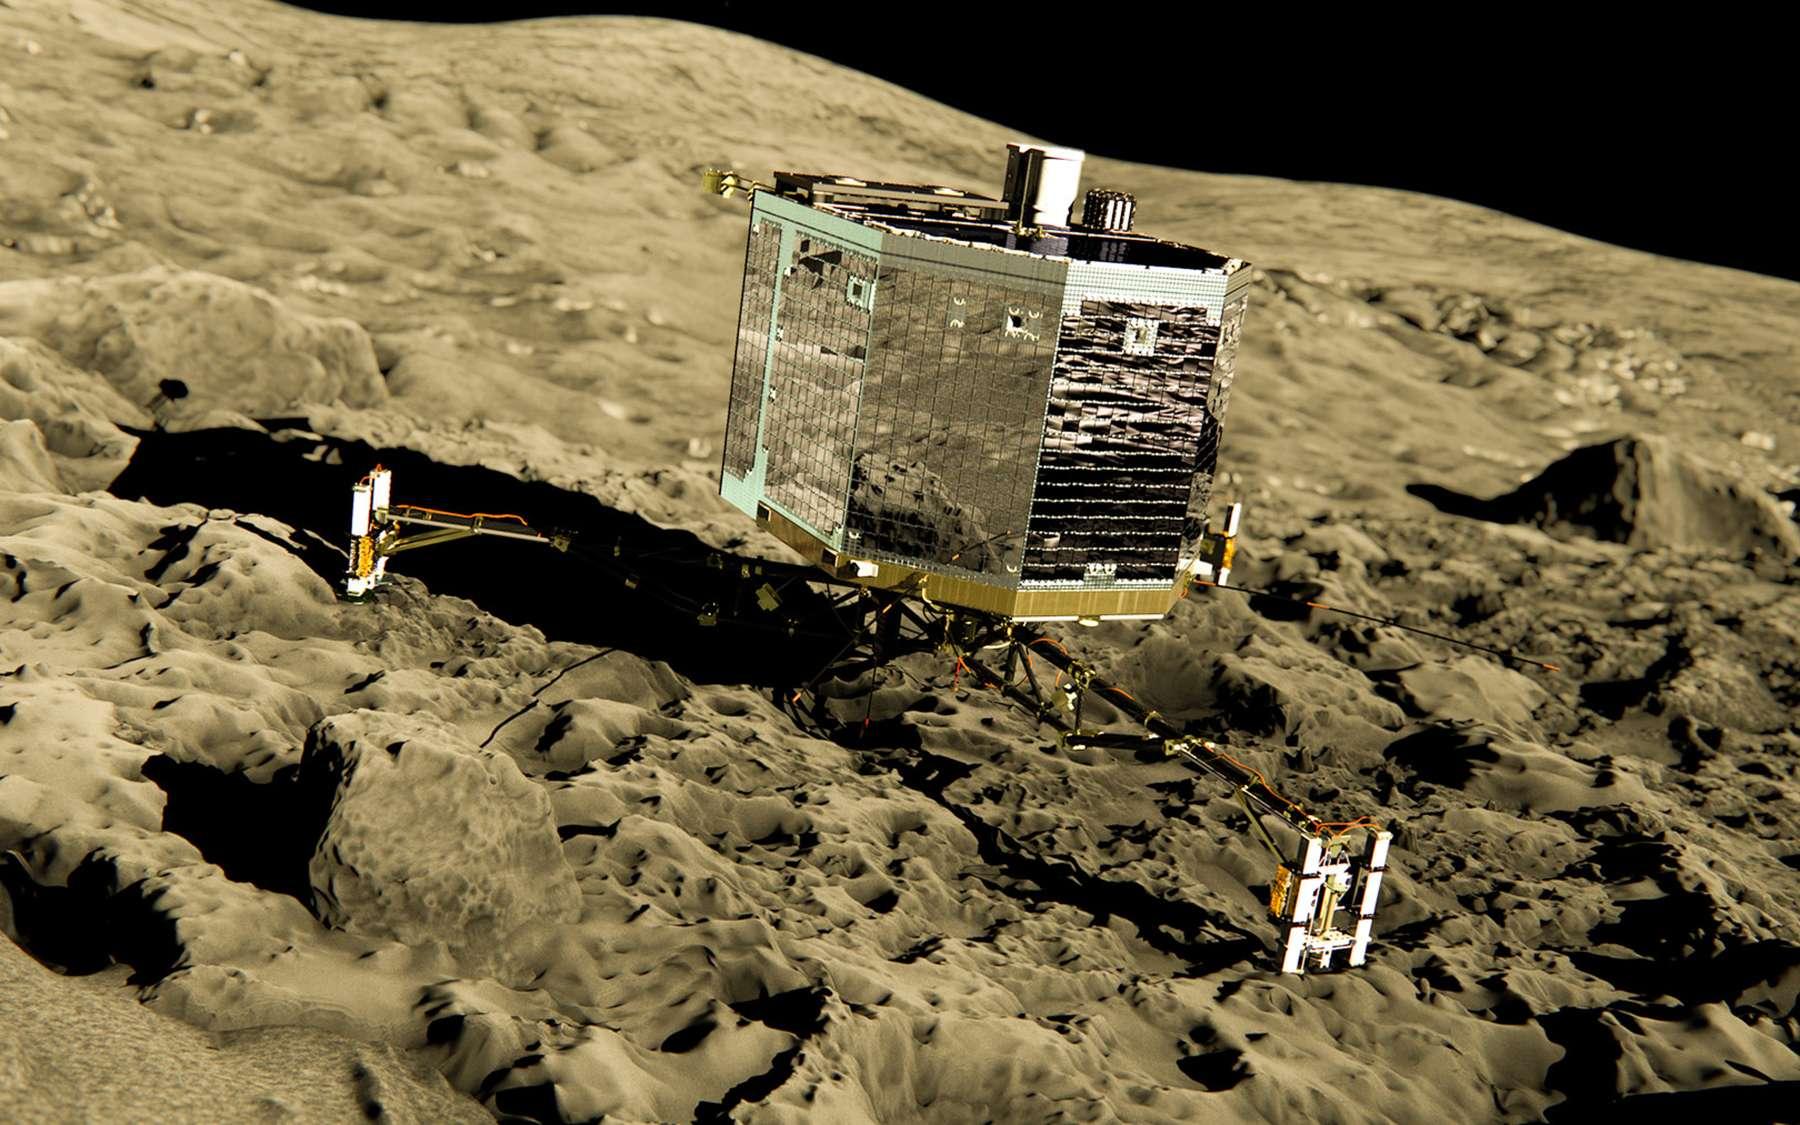 La position idéale de Philae sur la comète. Malheureusement, ce n'est qu'une vue d'artiste... © Esa/ATG Medialab